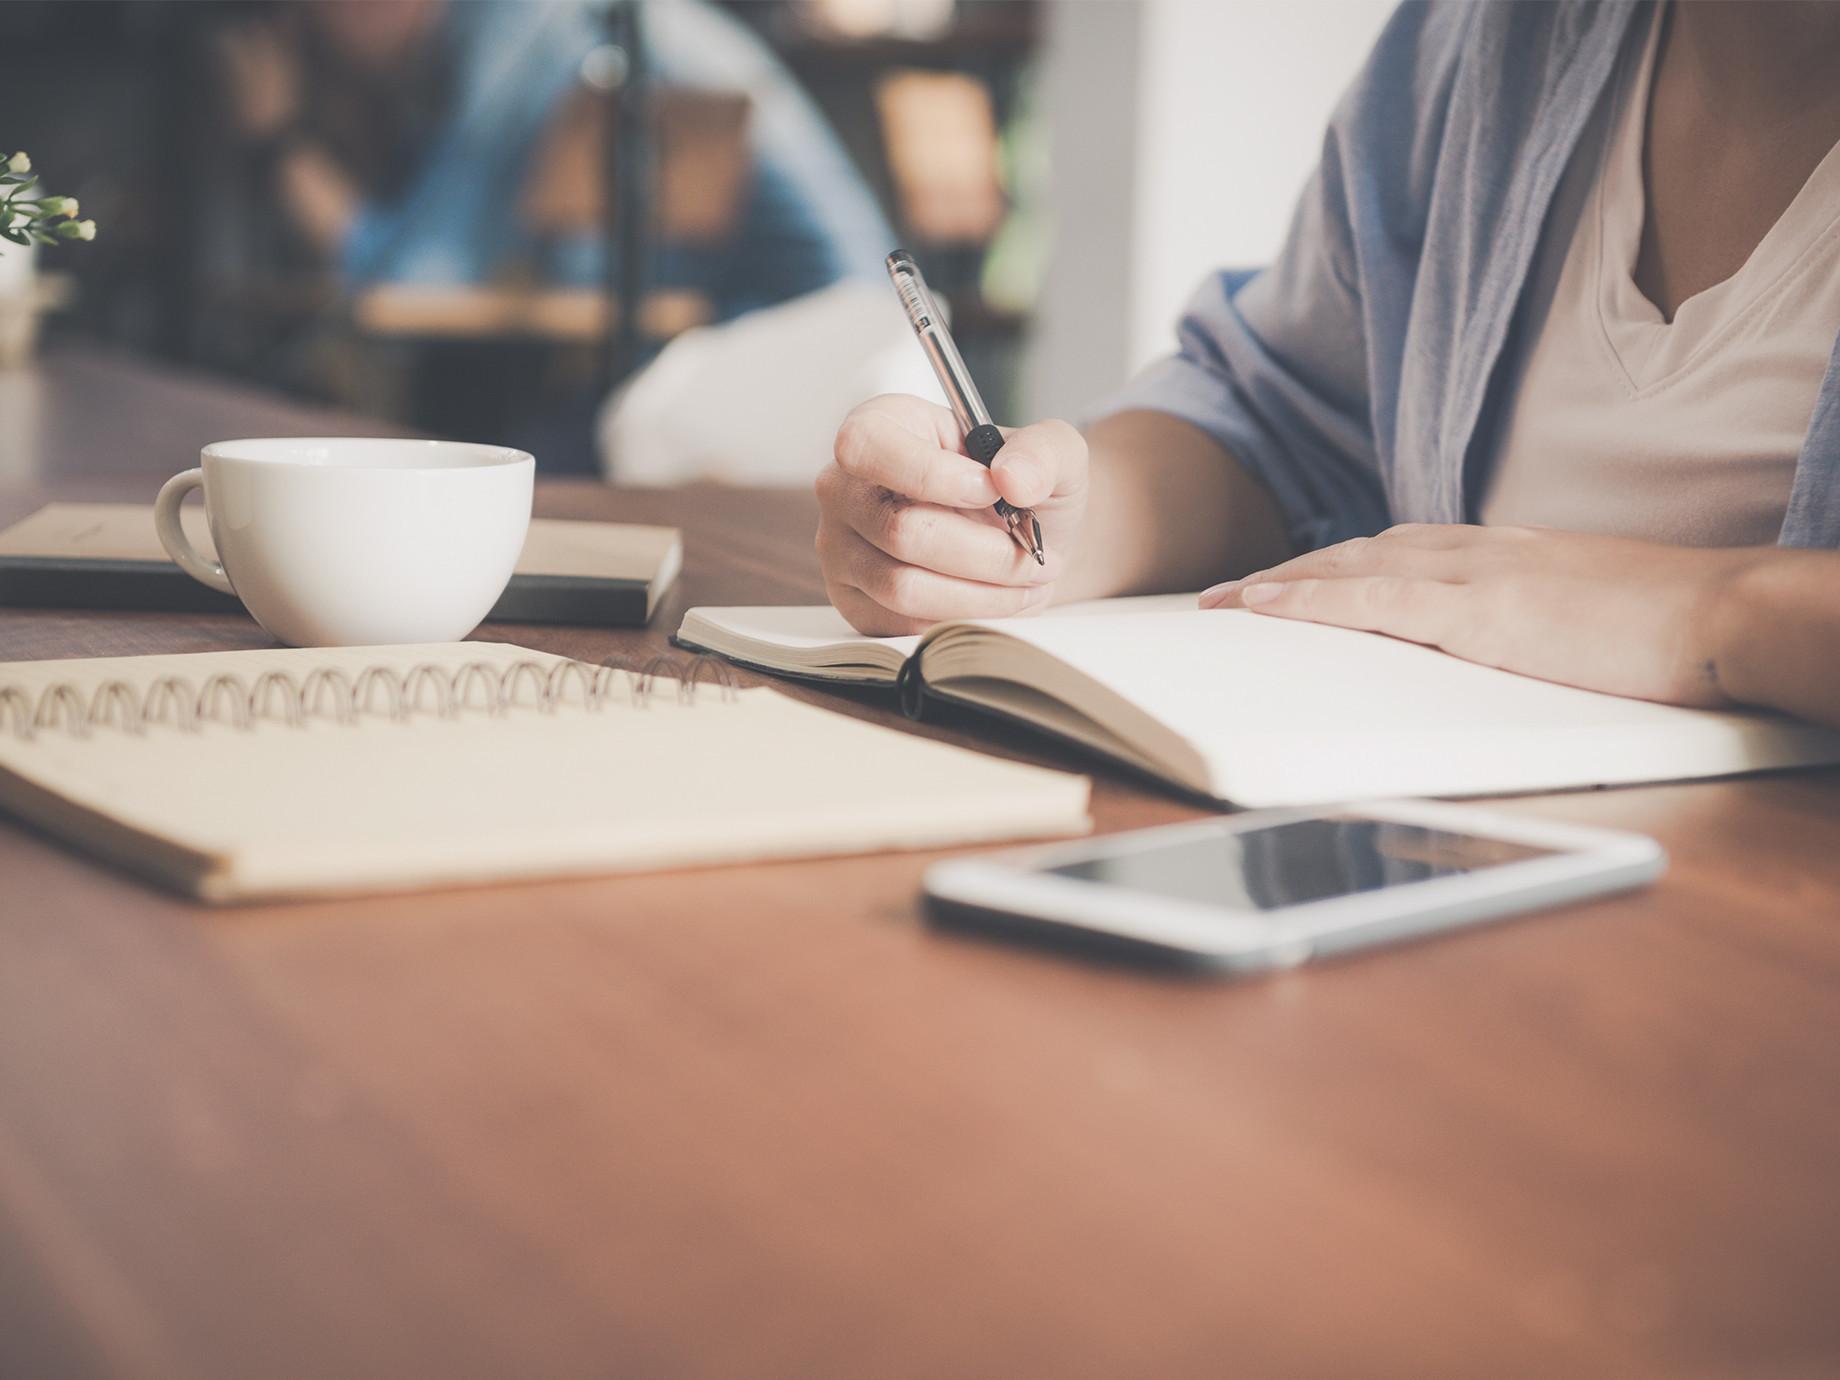 品牌如何經營自媒體?4個標準抉擇媒體內容